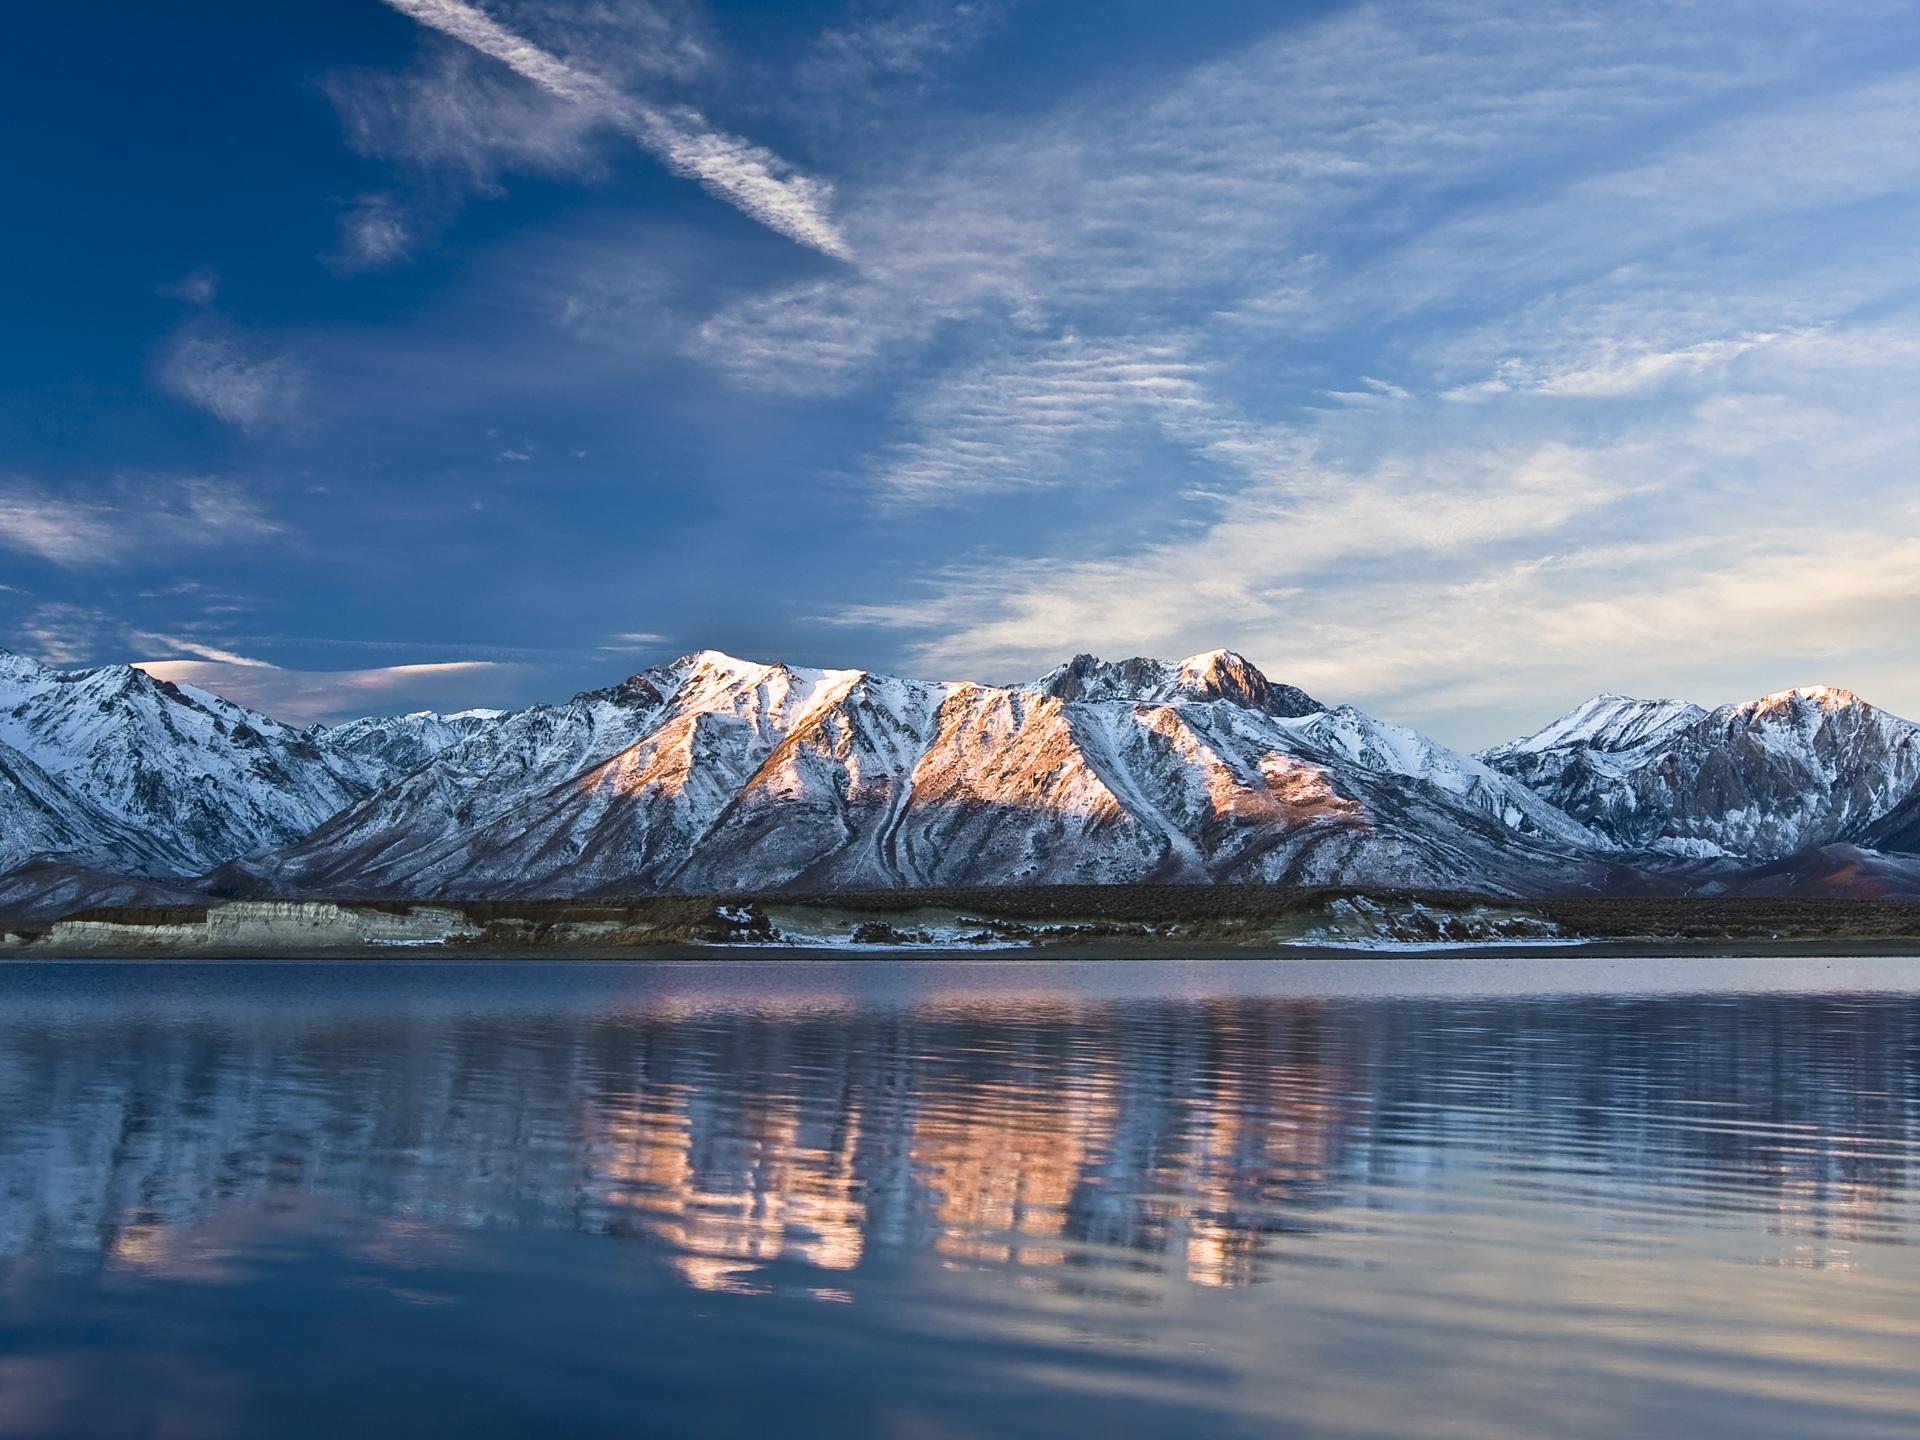 озеро горы снег  № 2476785 без смс